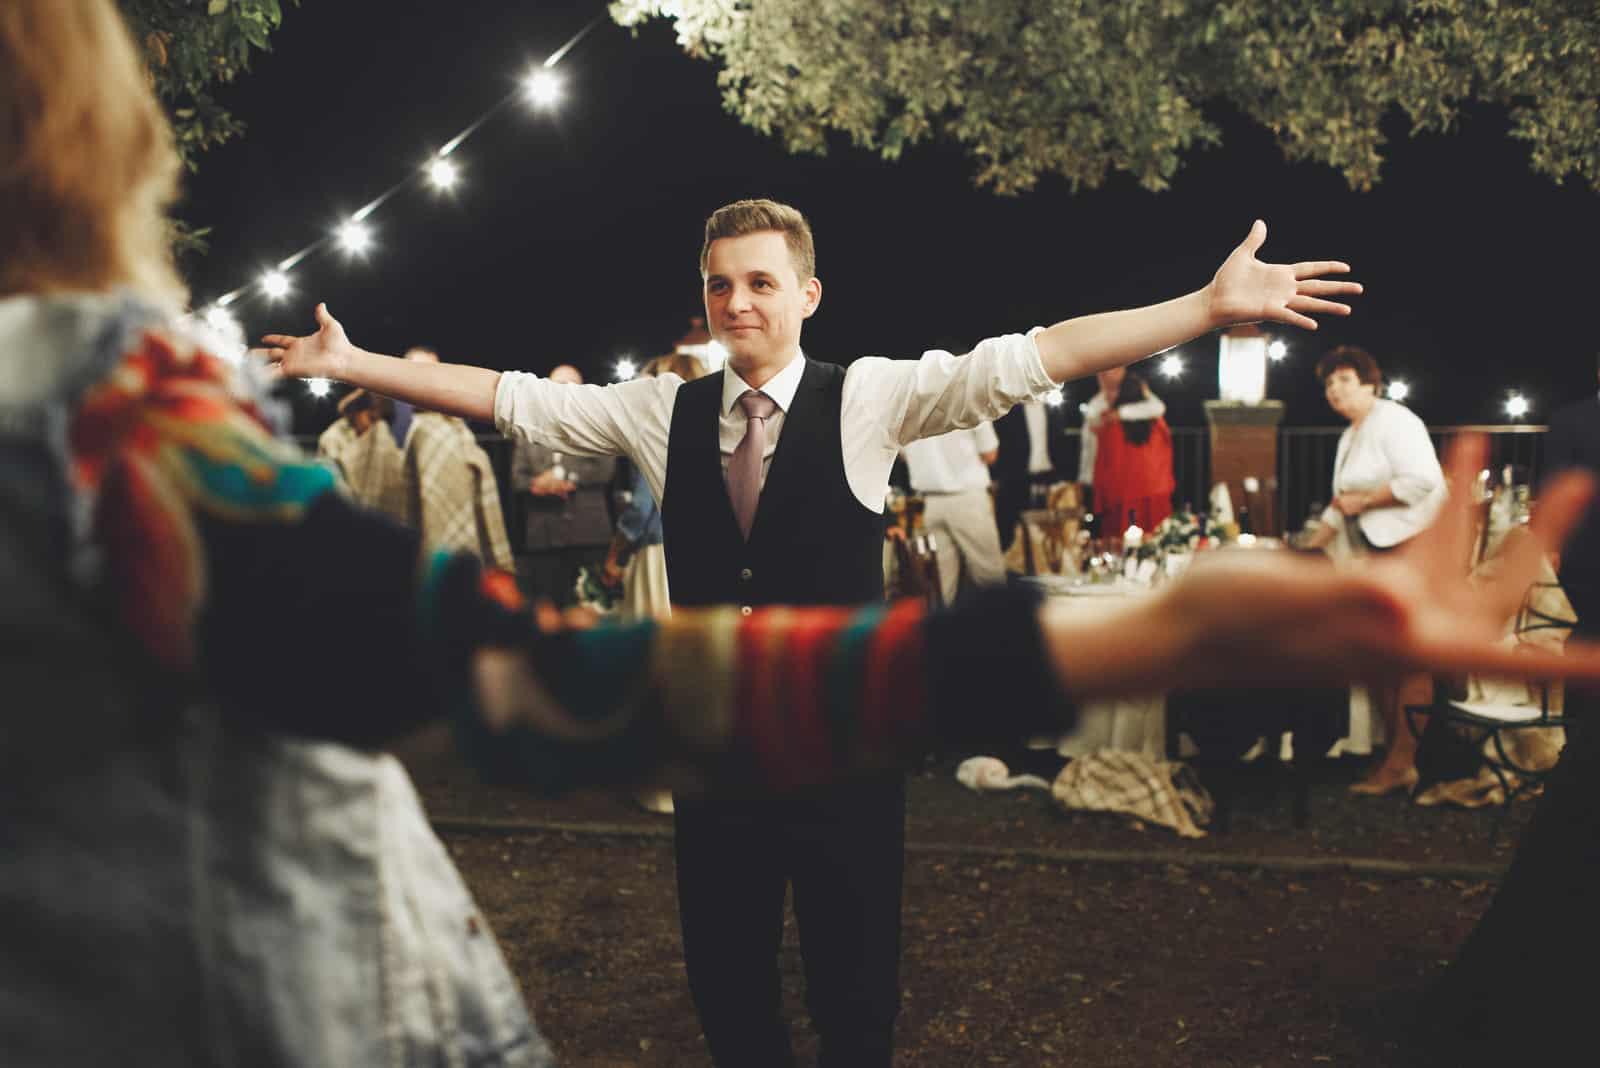 Mann im schwarzen Anzug hält seine Arme weit vor einem Tanz